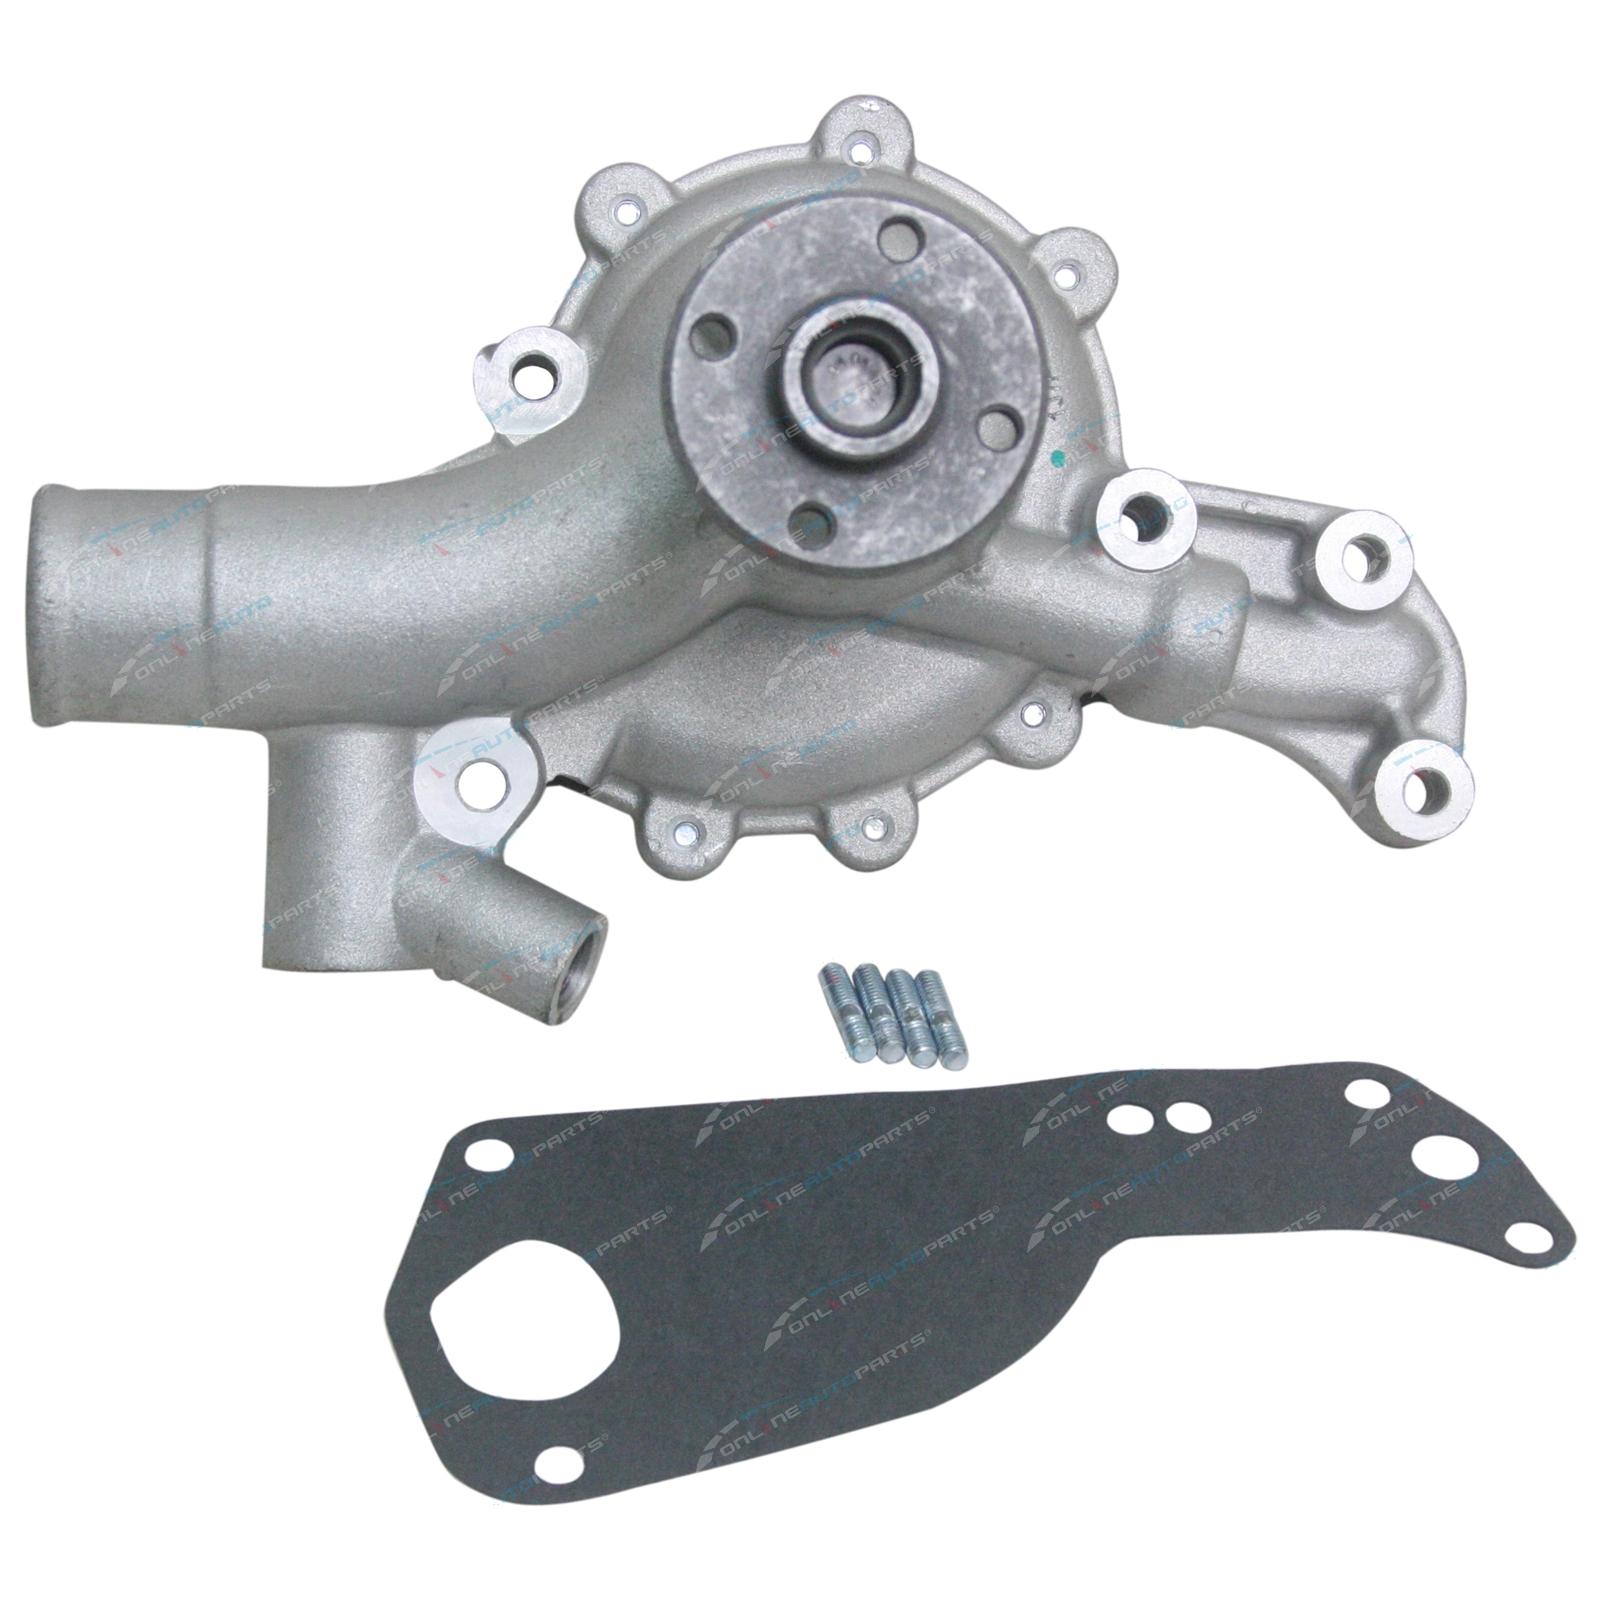 1992 Daihatsu Rocky Camshaft: Engine Water Pump Dyna BU20 BU32 BU36 BU60 1980-87 4cyl B